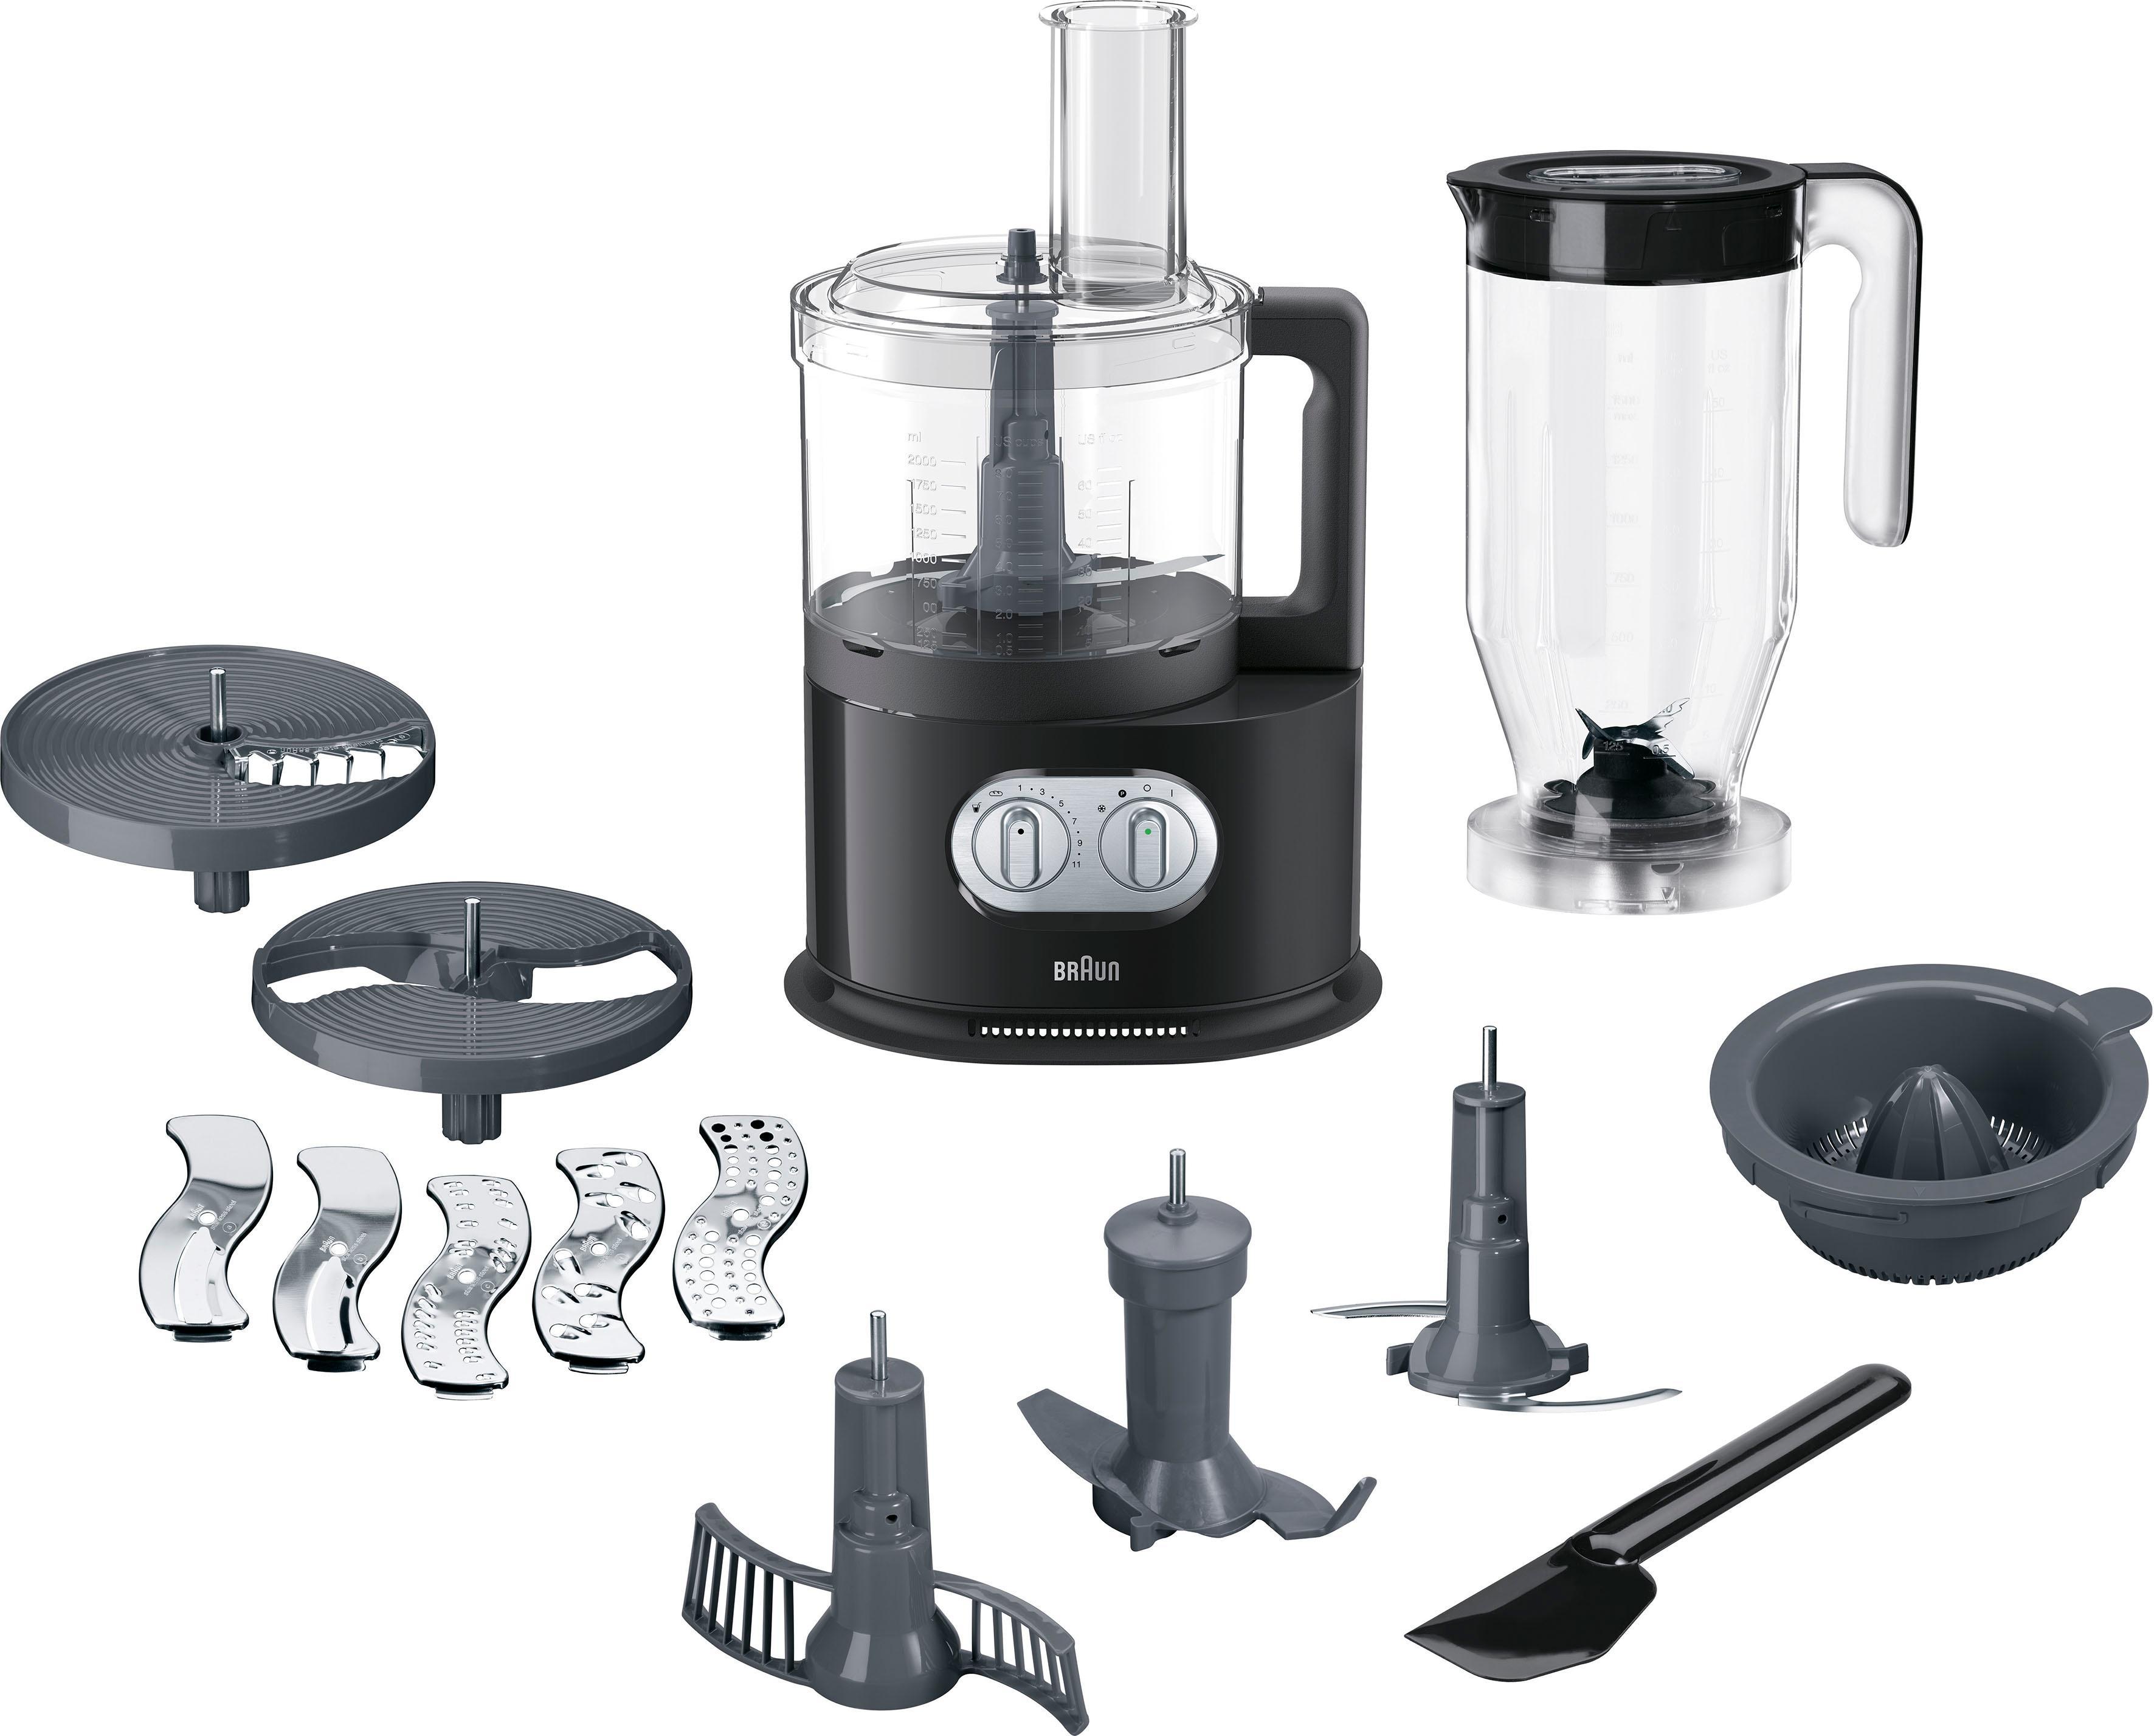 Braun Küchenmaschine mit Kochfunktion FP 5150, 1000 Watt, Schüssel 2 Liter  per Raten   BAUR